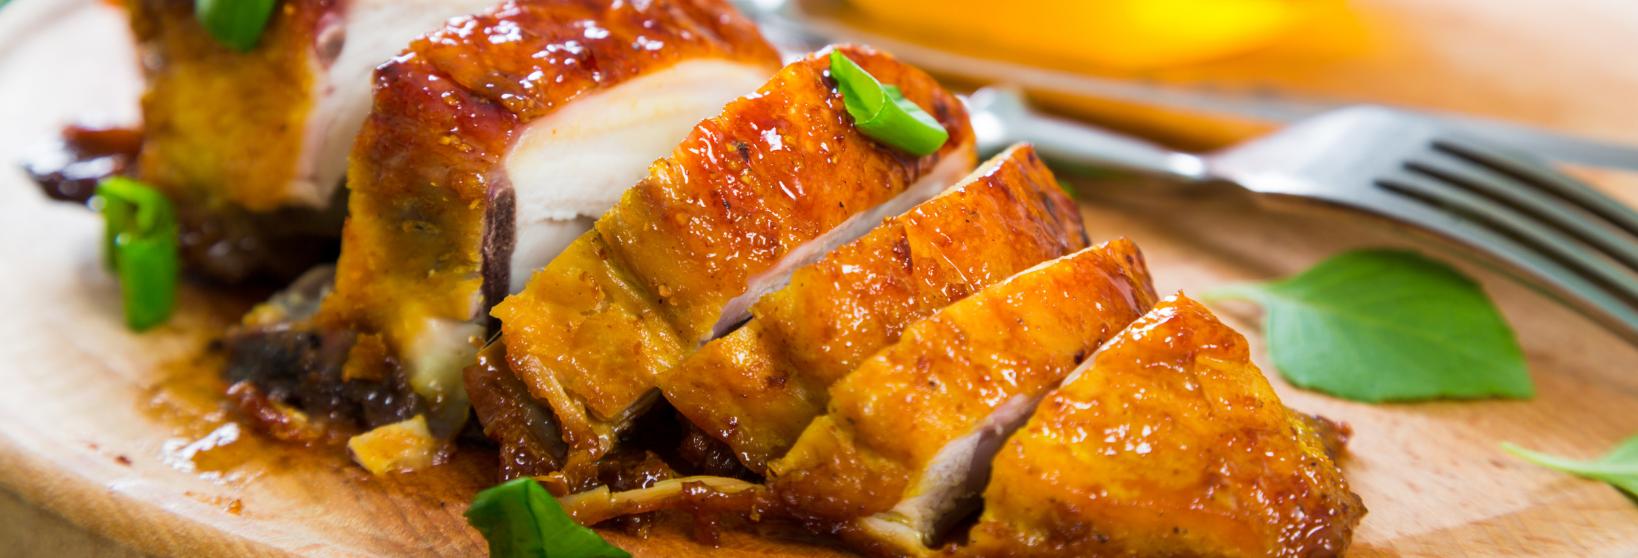 ¡En verano, comida facil y saludable!